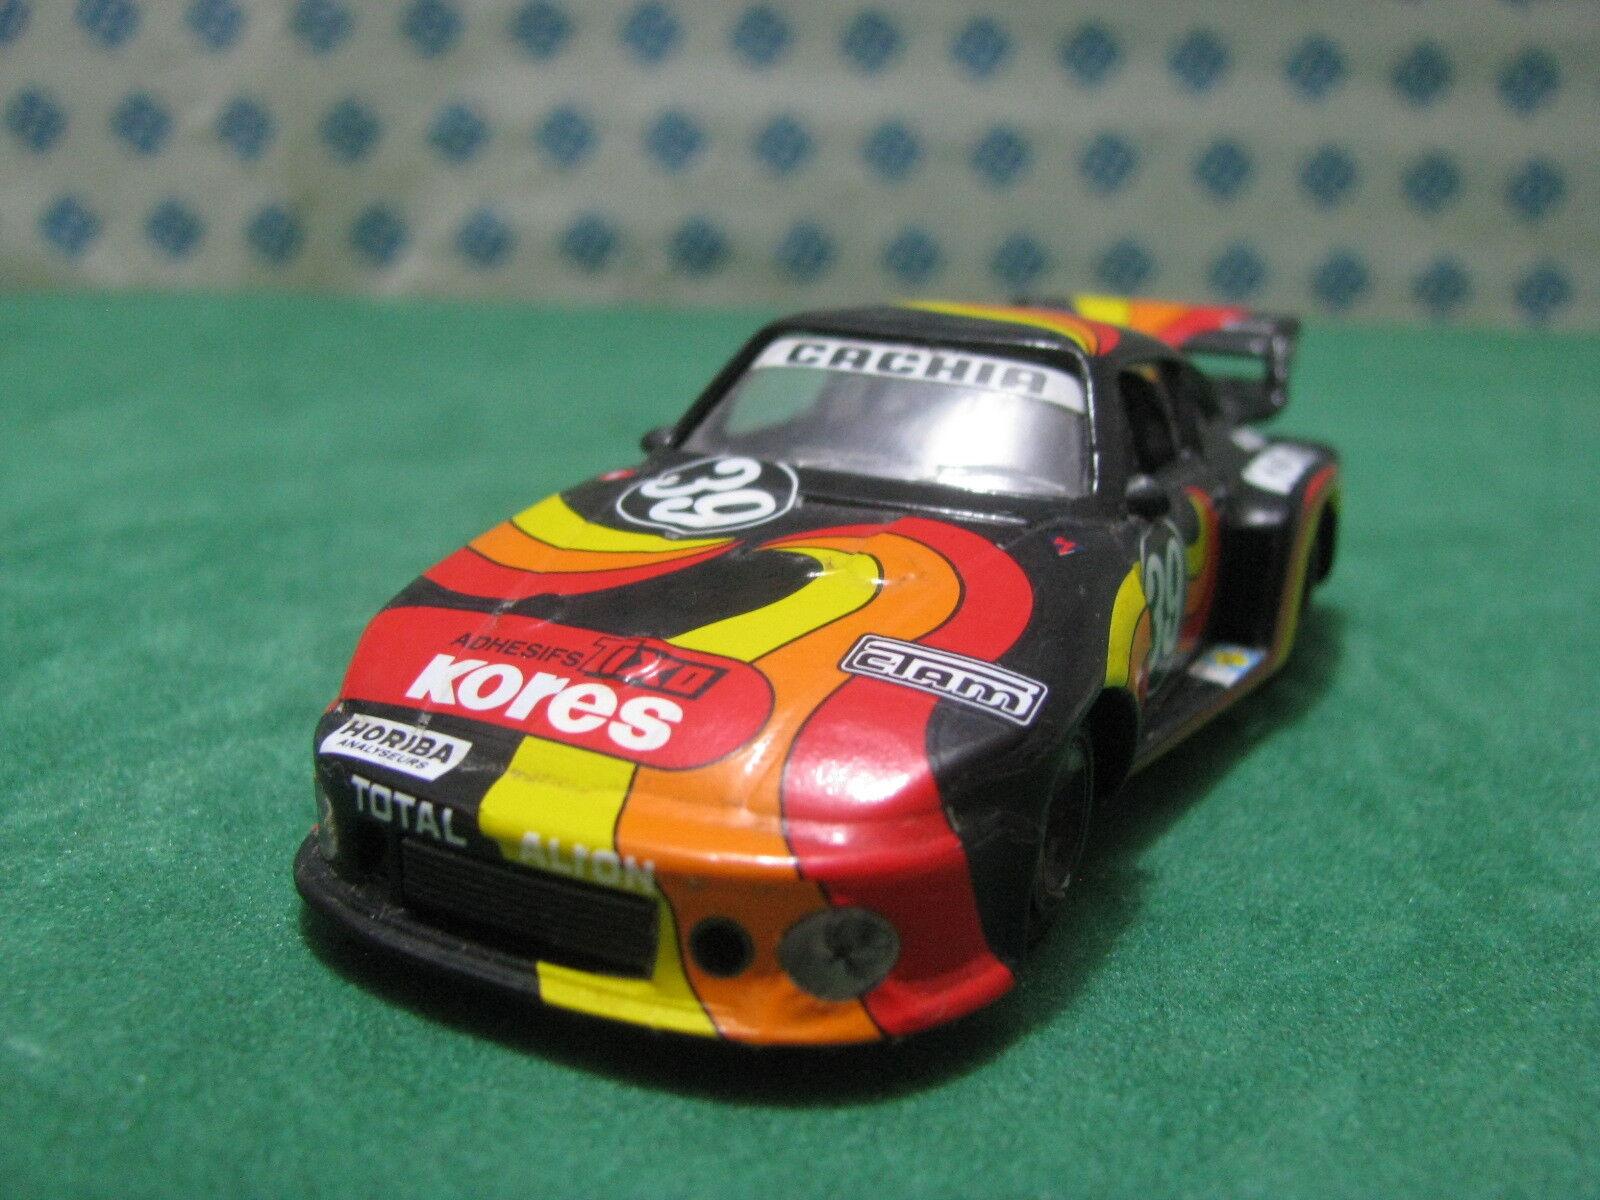 Vintage - PORSCHE 935 Le Mans 1979 - 1 43 Solido 2 Ref.1702 Kit monté